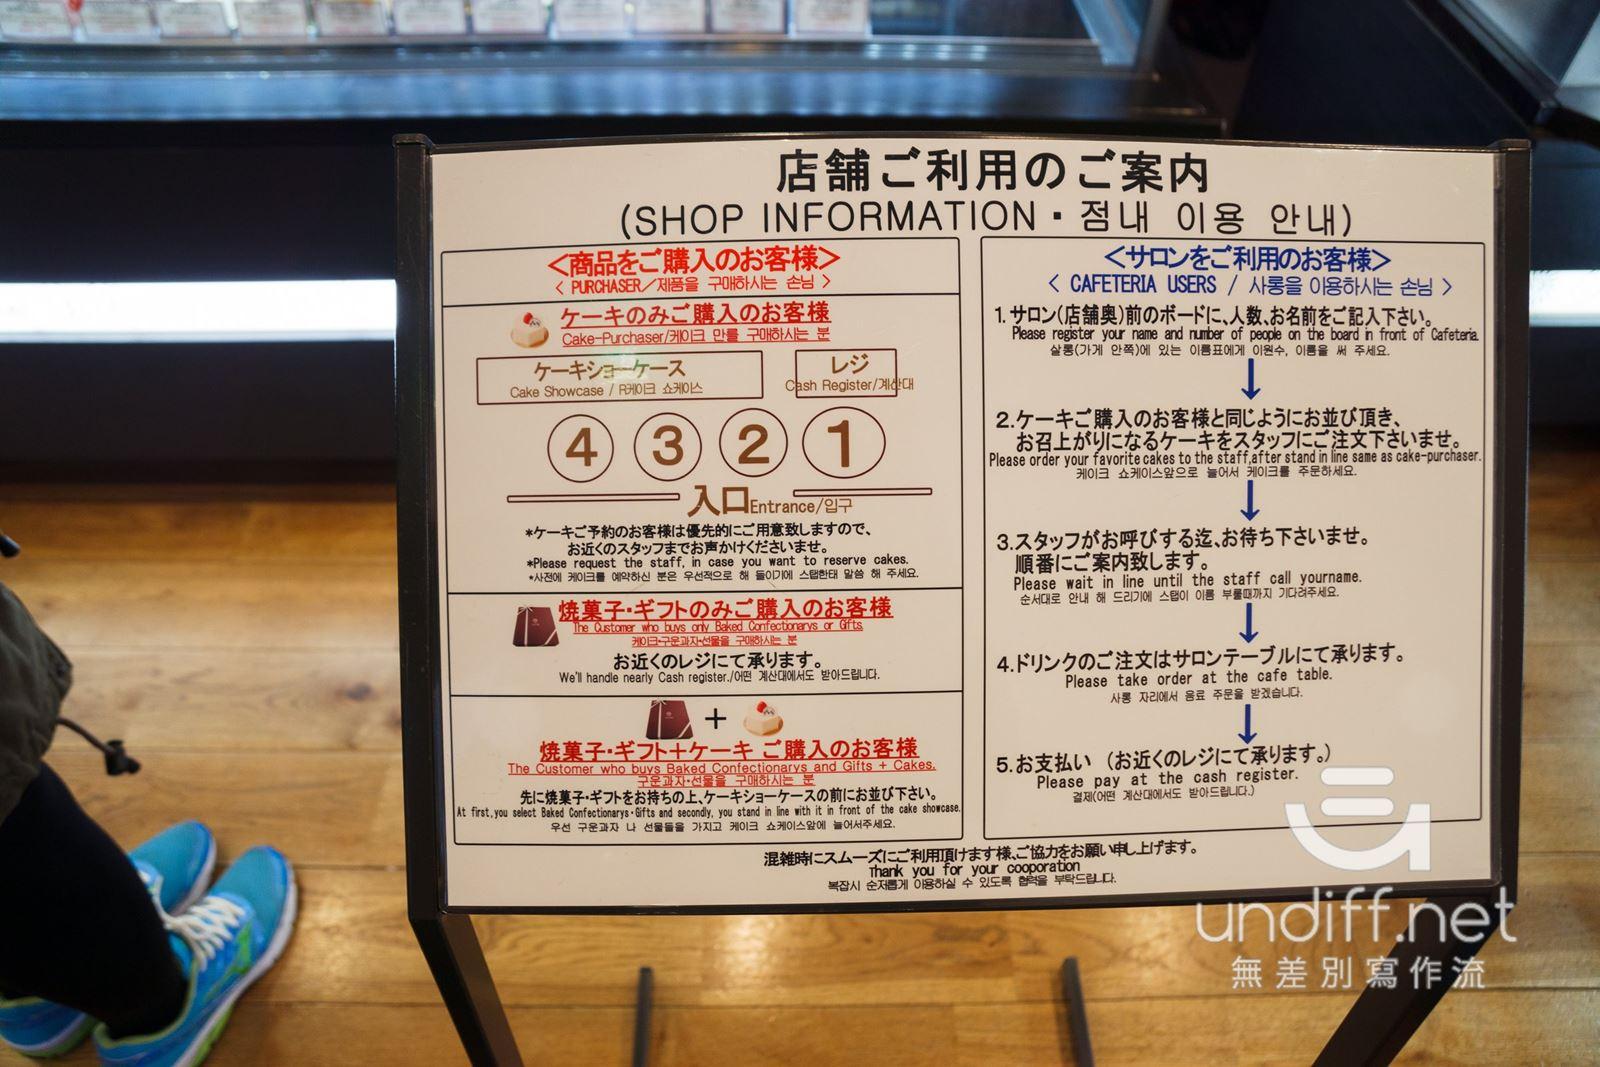 【東京美食】自由之丘 Mont St. Clair 》名不虛傳的人氣甜點名店 22